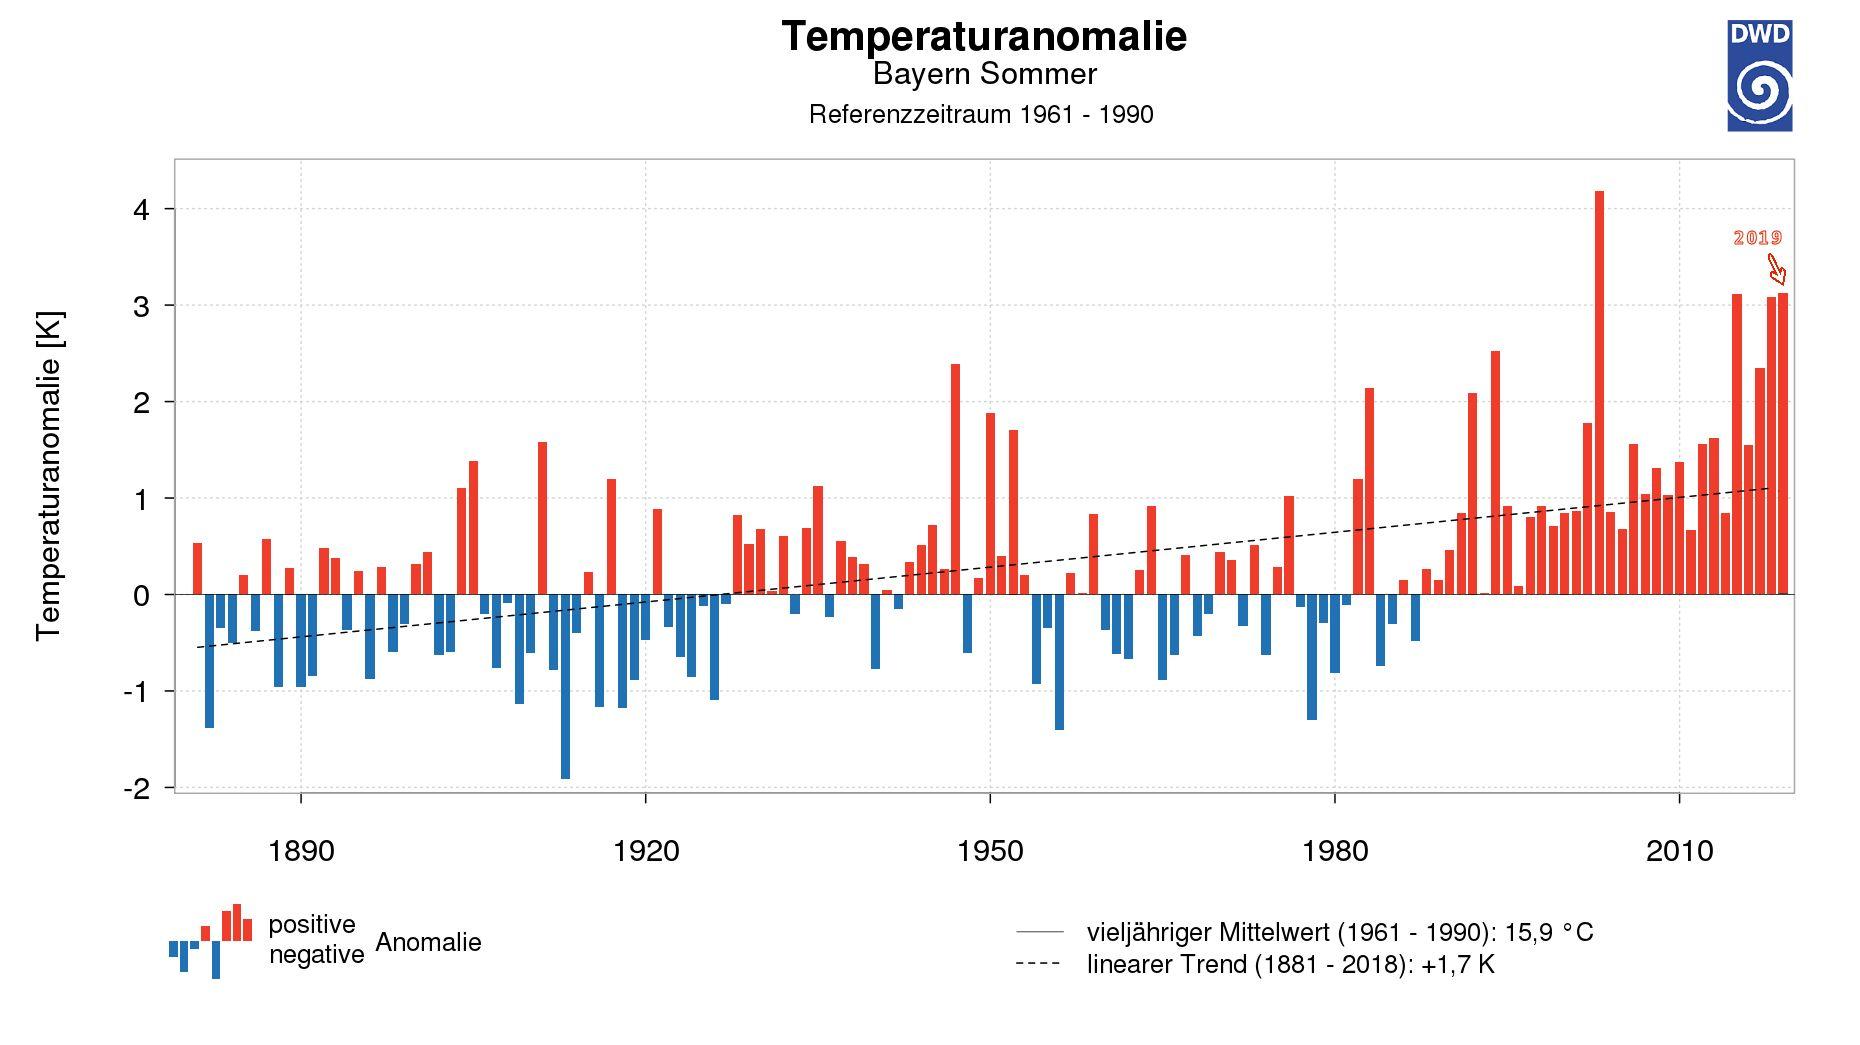 Temperaturanomalien der bayerischen Sommer